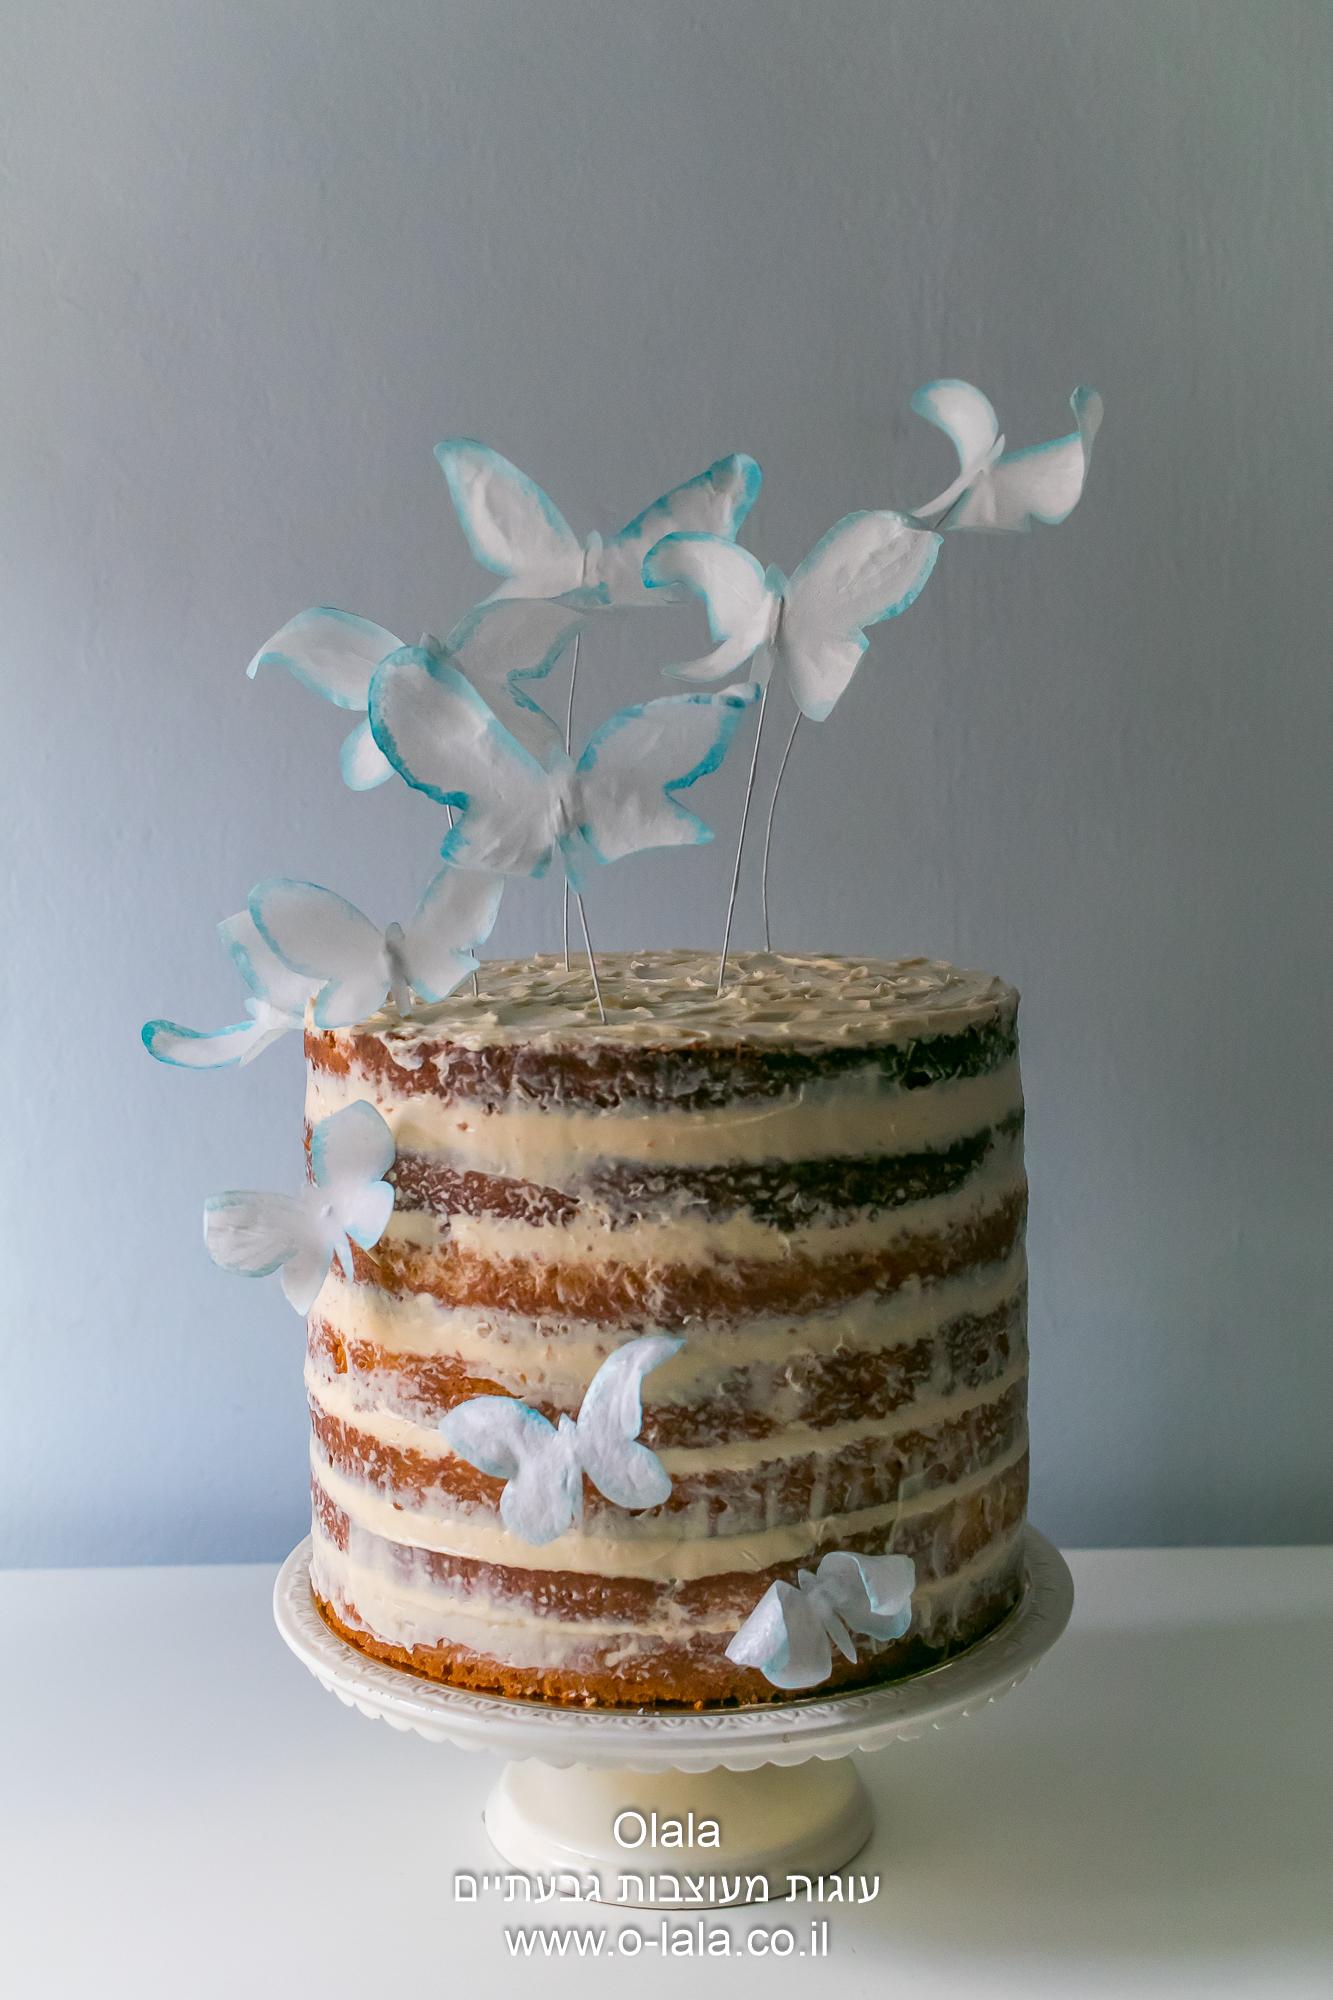 העוגה העירומה עם פרחים מנייר אכיל